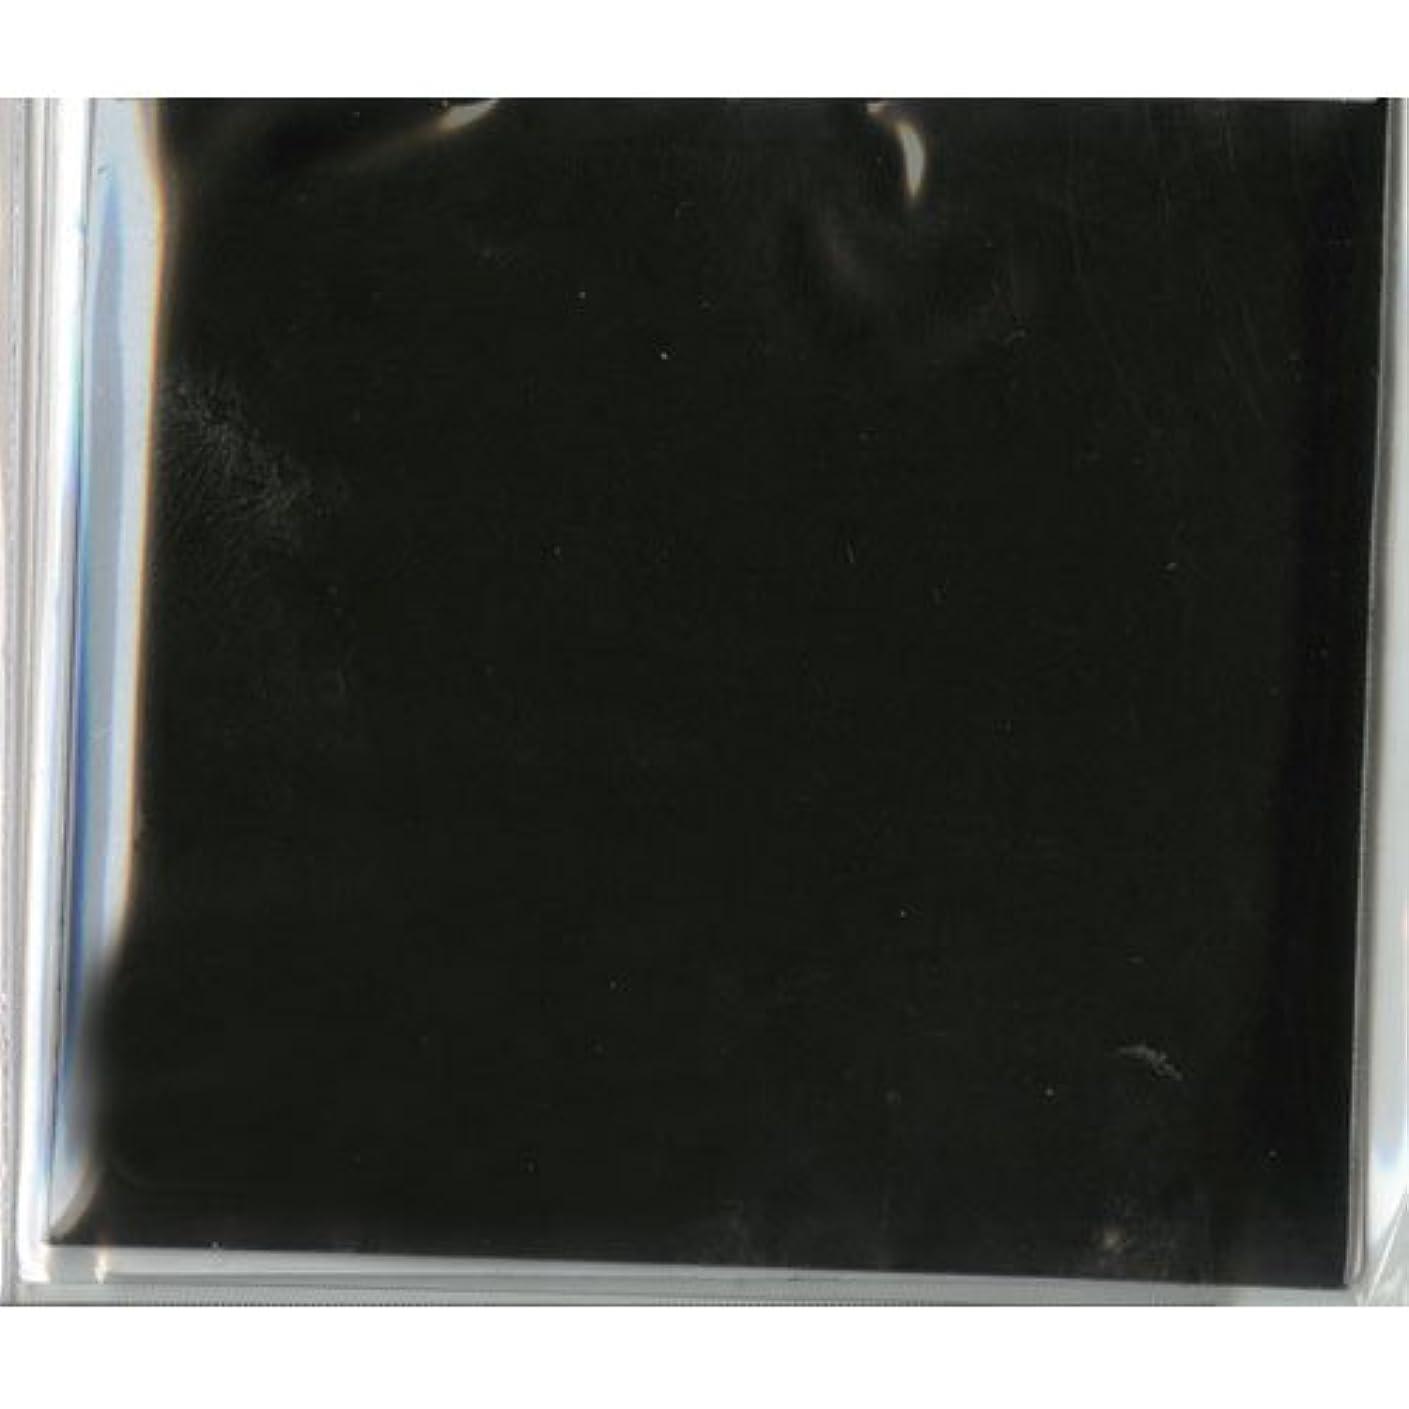 合理的ふざけた鏡ピカエース ネイル用パウダー ピカエース カラーパウダー 透明顔料 #910 ジェットブラック 2g アート材